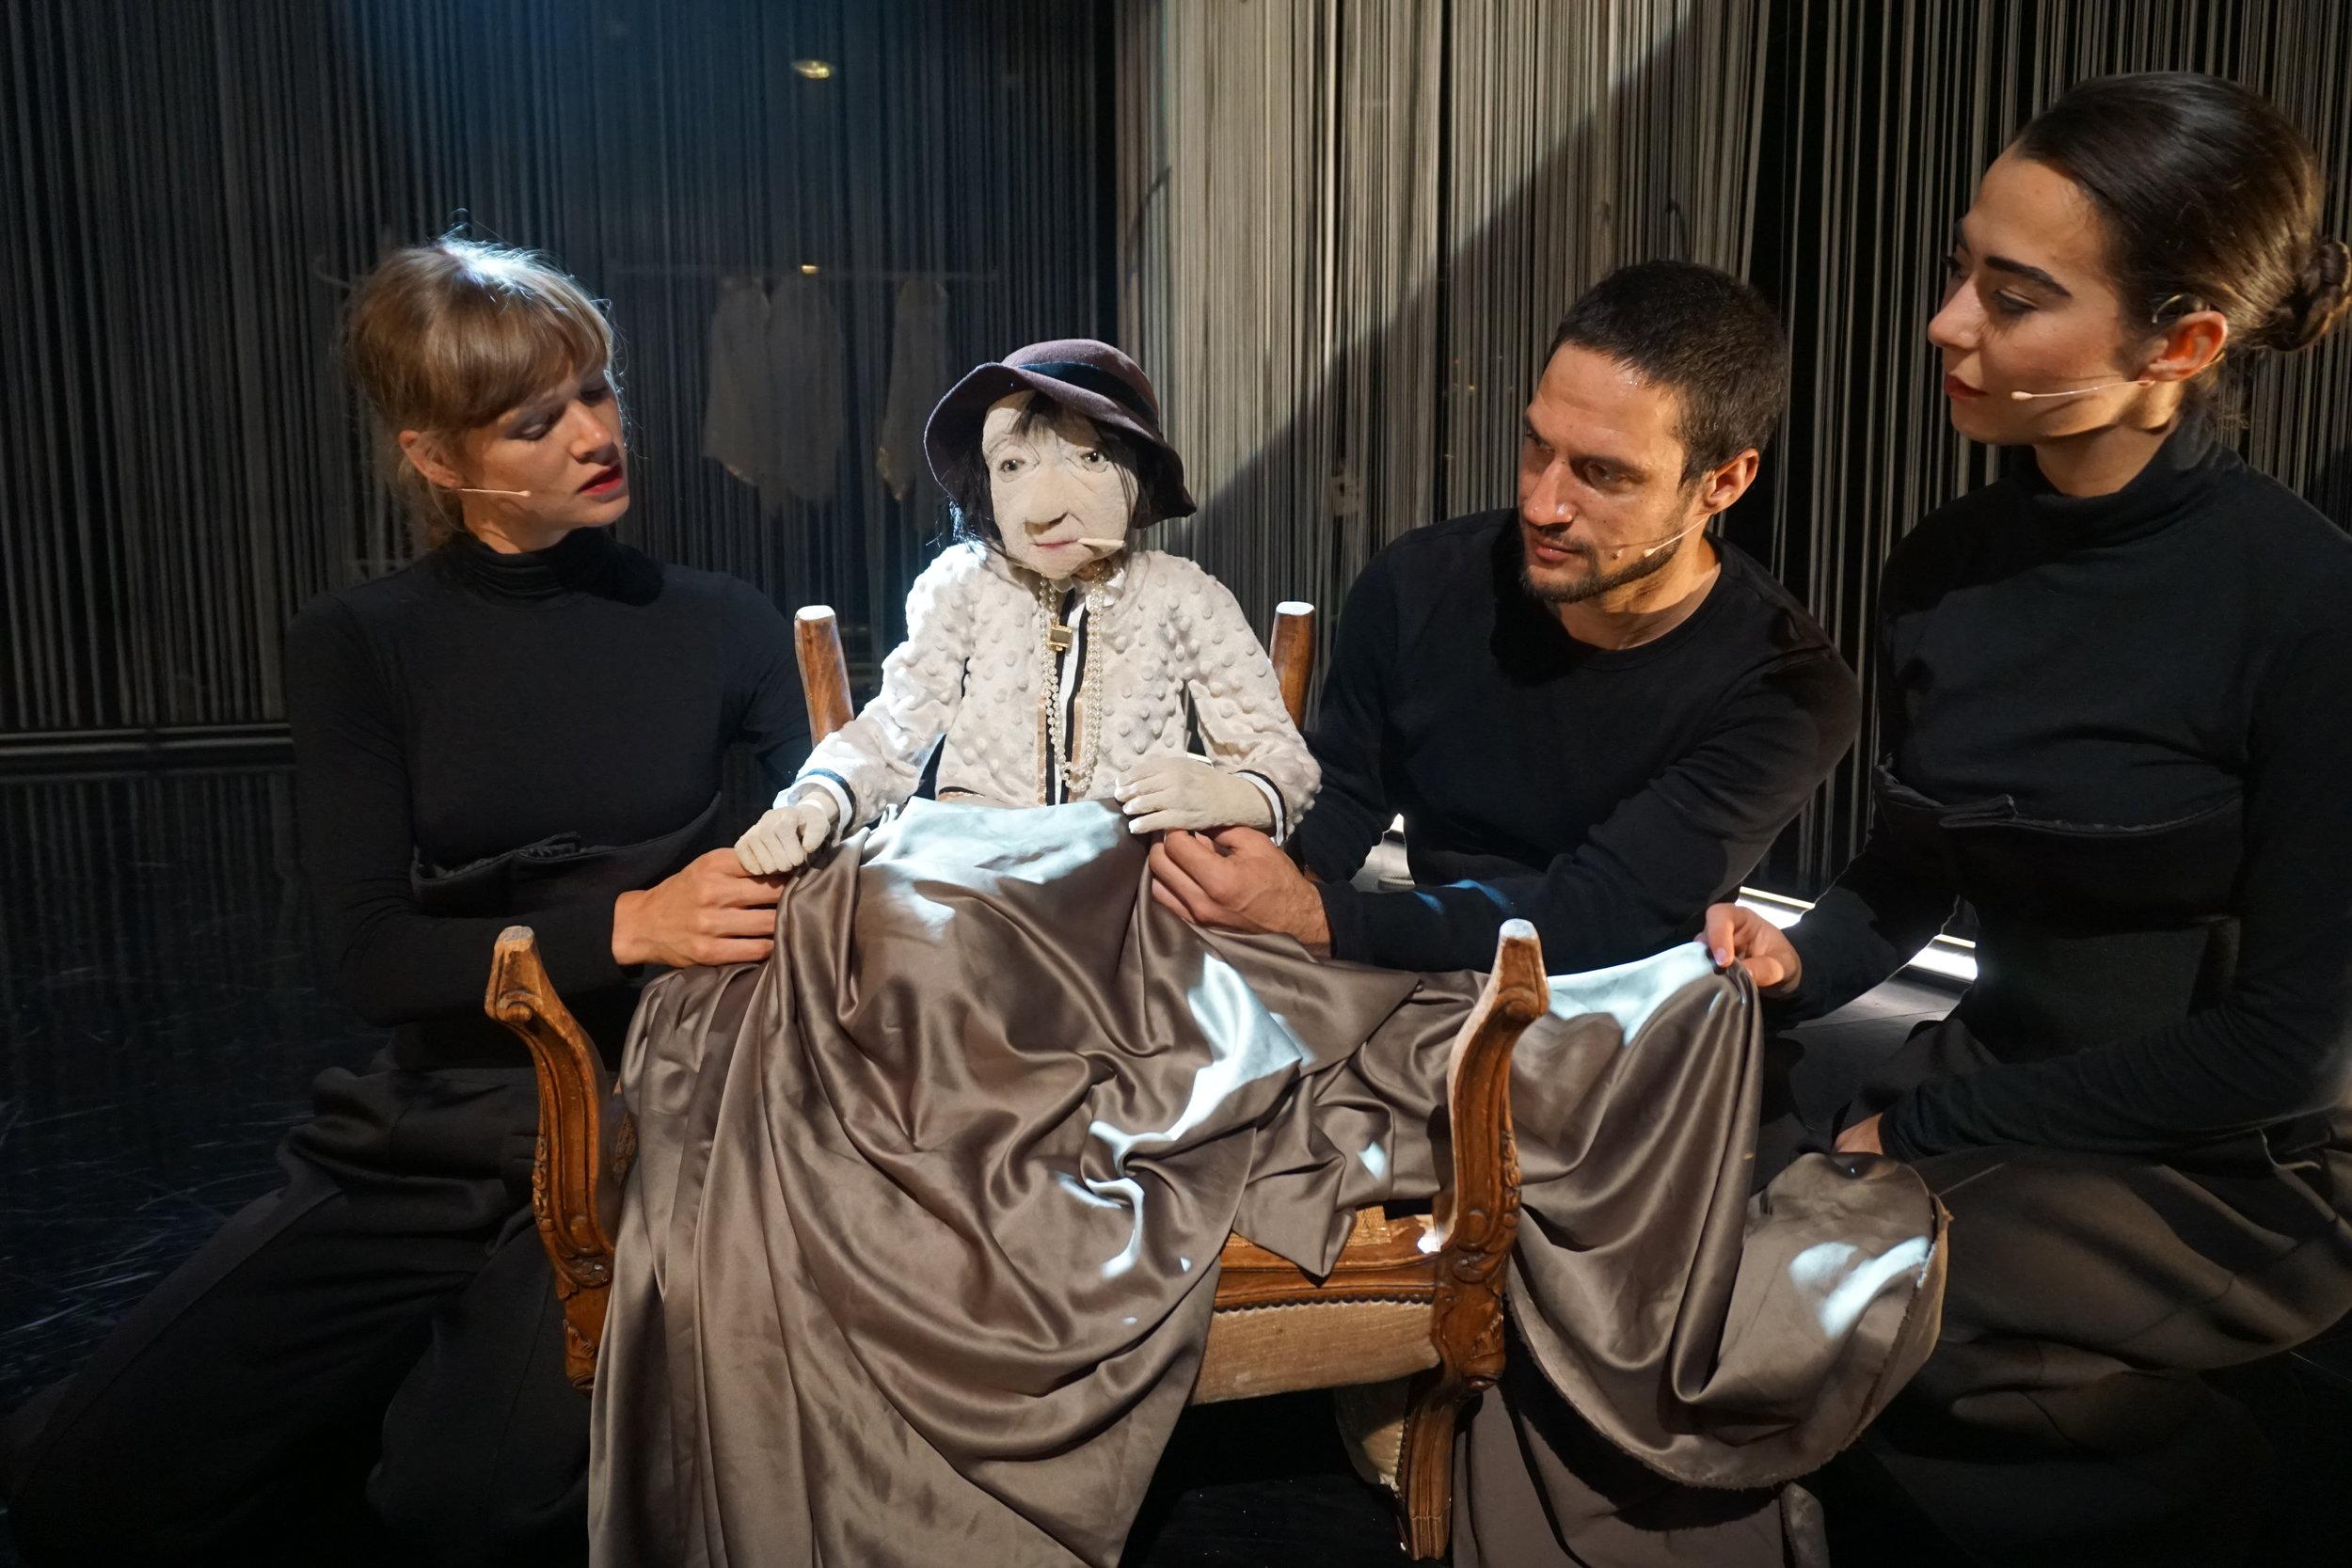 Esityksen jälkeen Marjolein Vogel, Coco Chanel, Ilija Surla ja Céline Mathieu asettautuvat kuvattavaksi. Espoon Louhisali, 29.8.2018 klo 14.